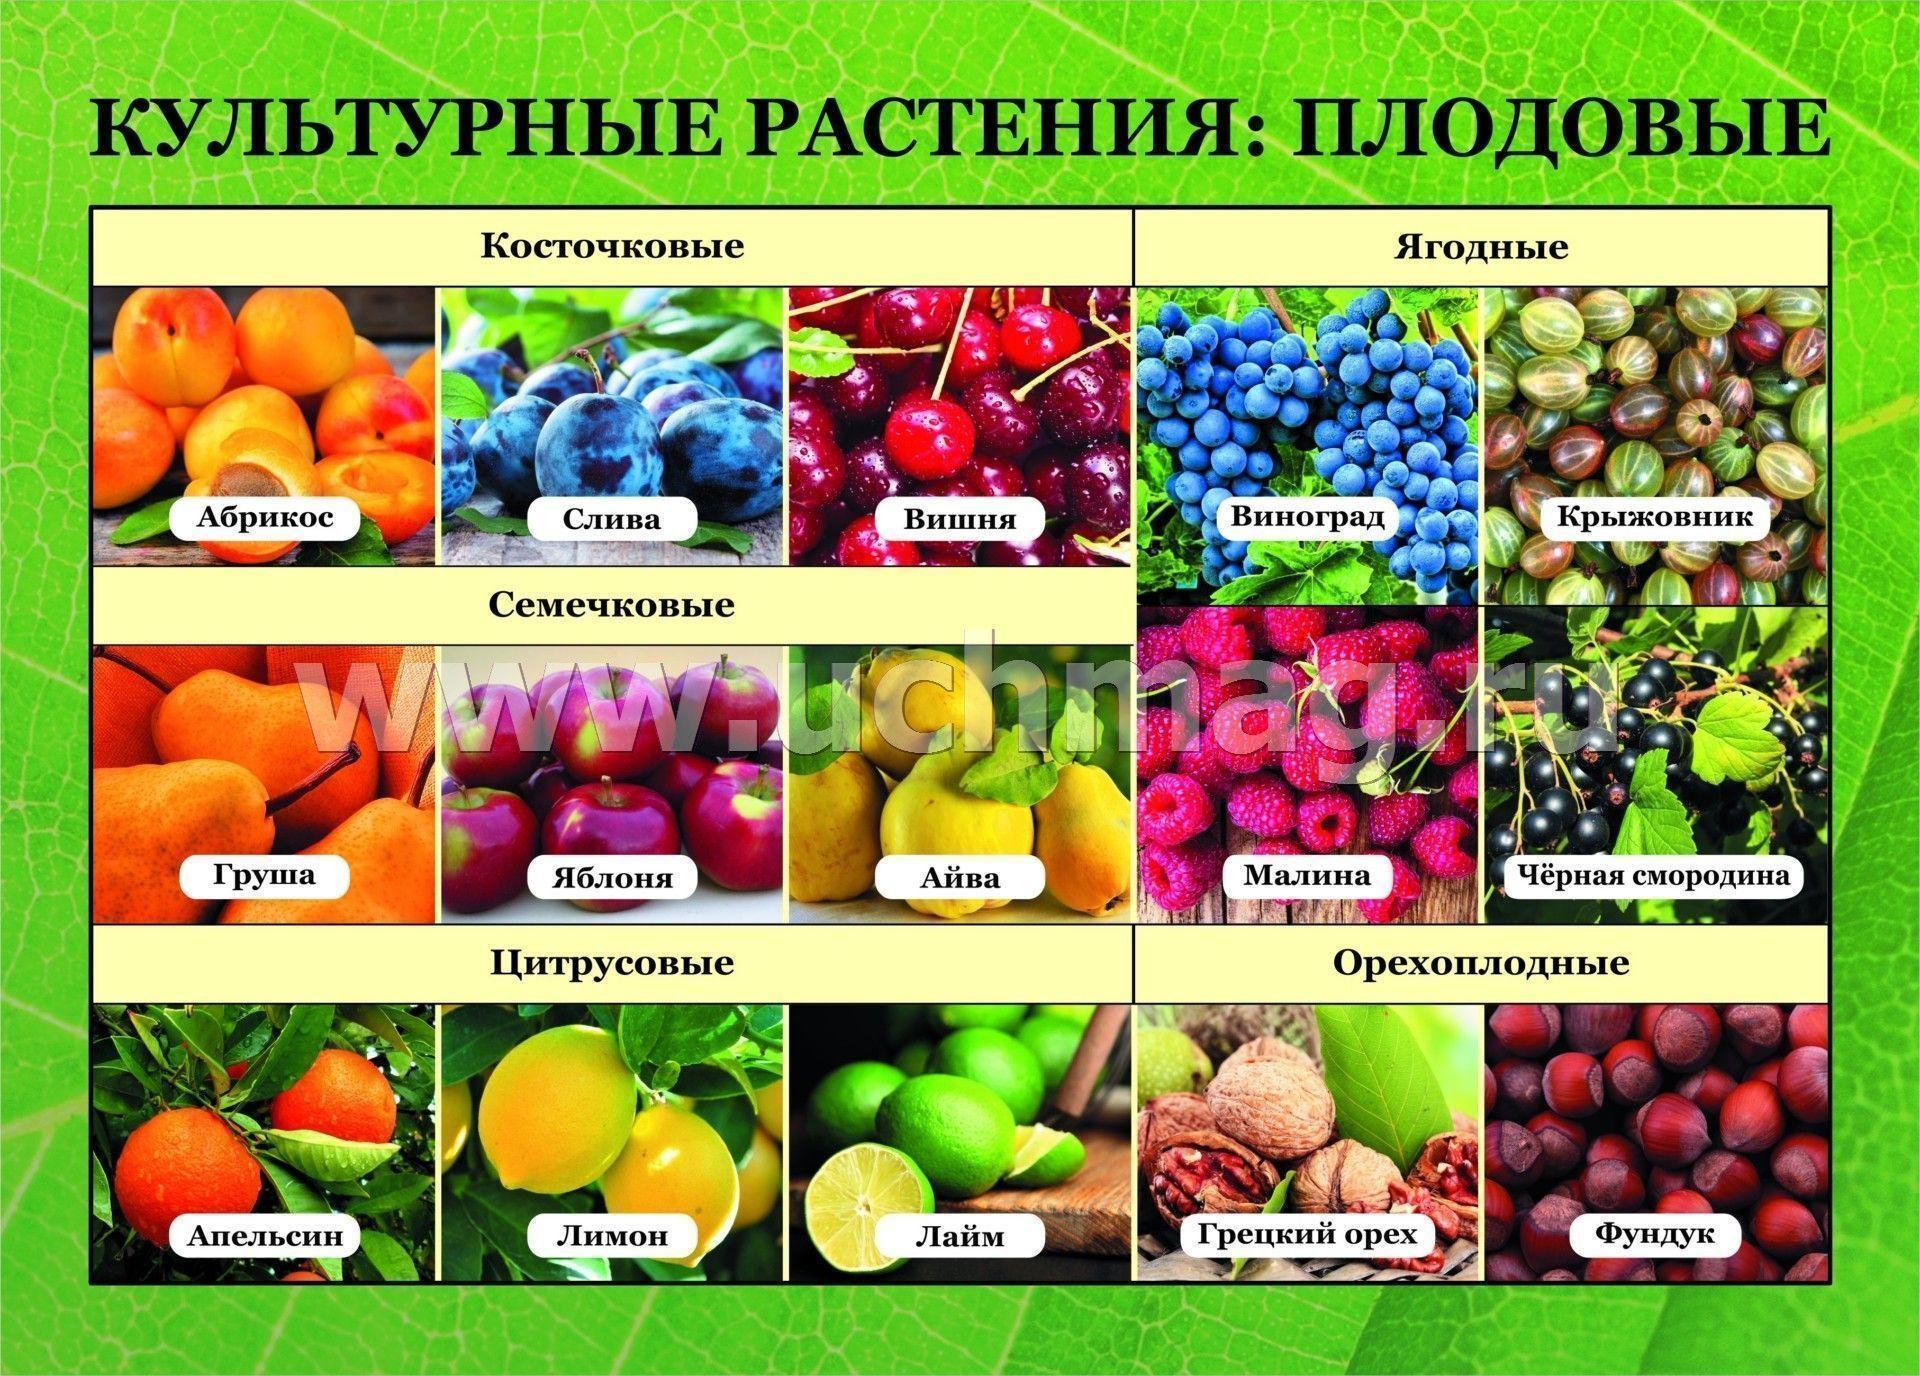 культурные растения разного назначения